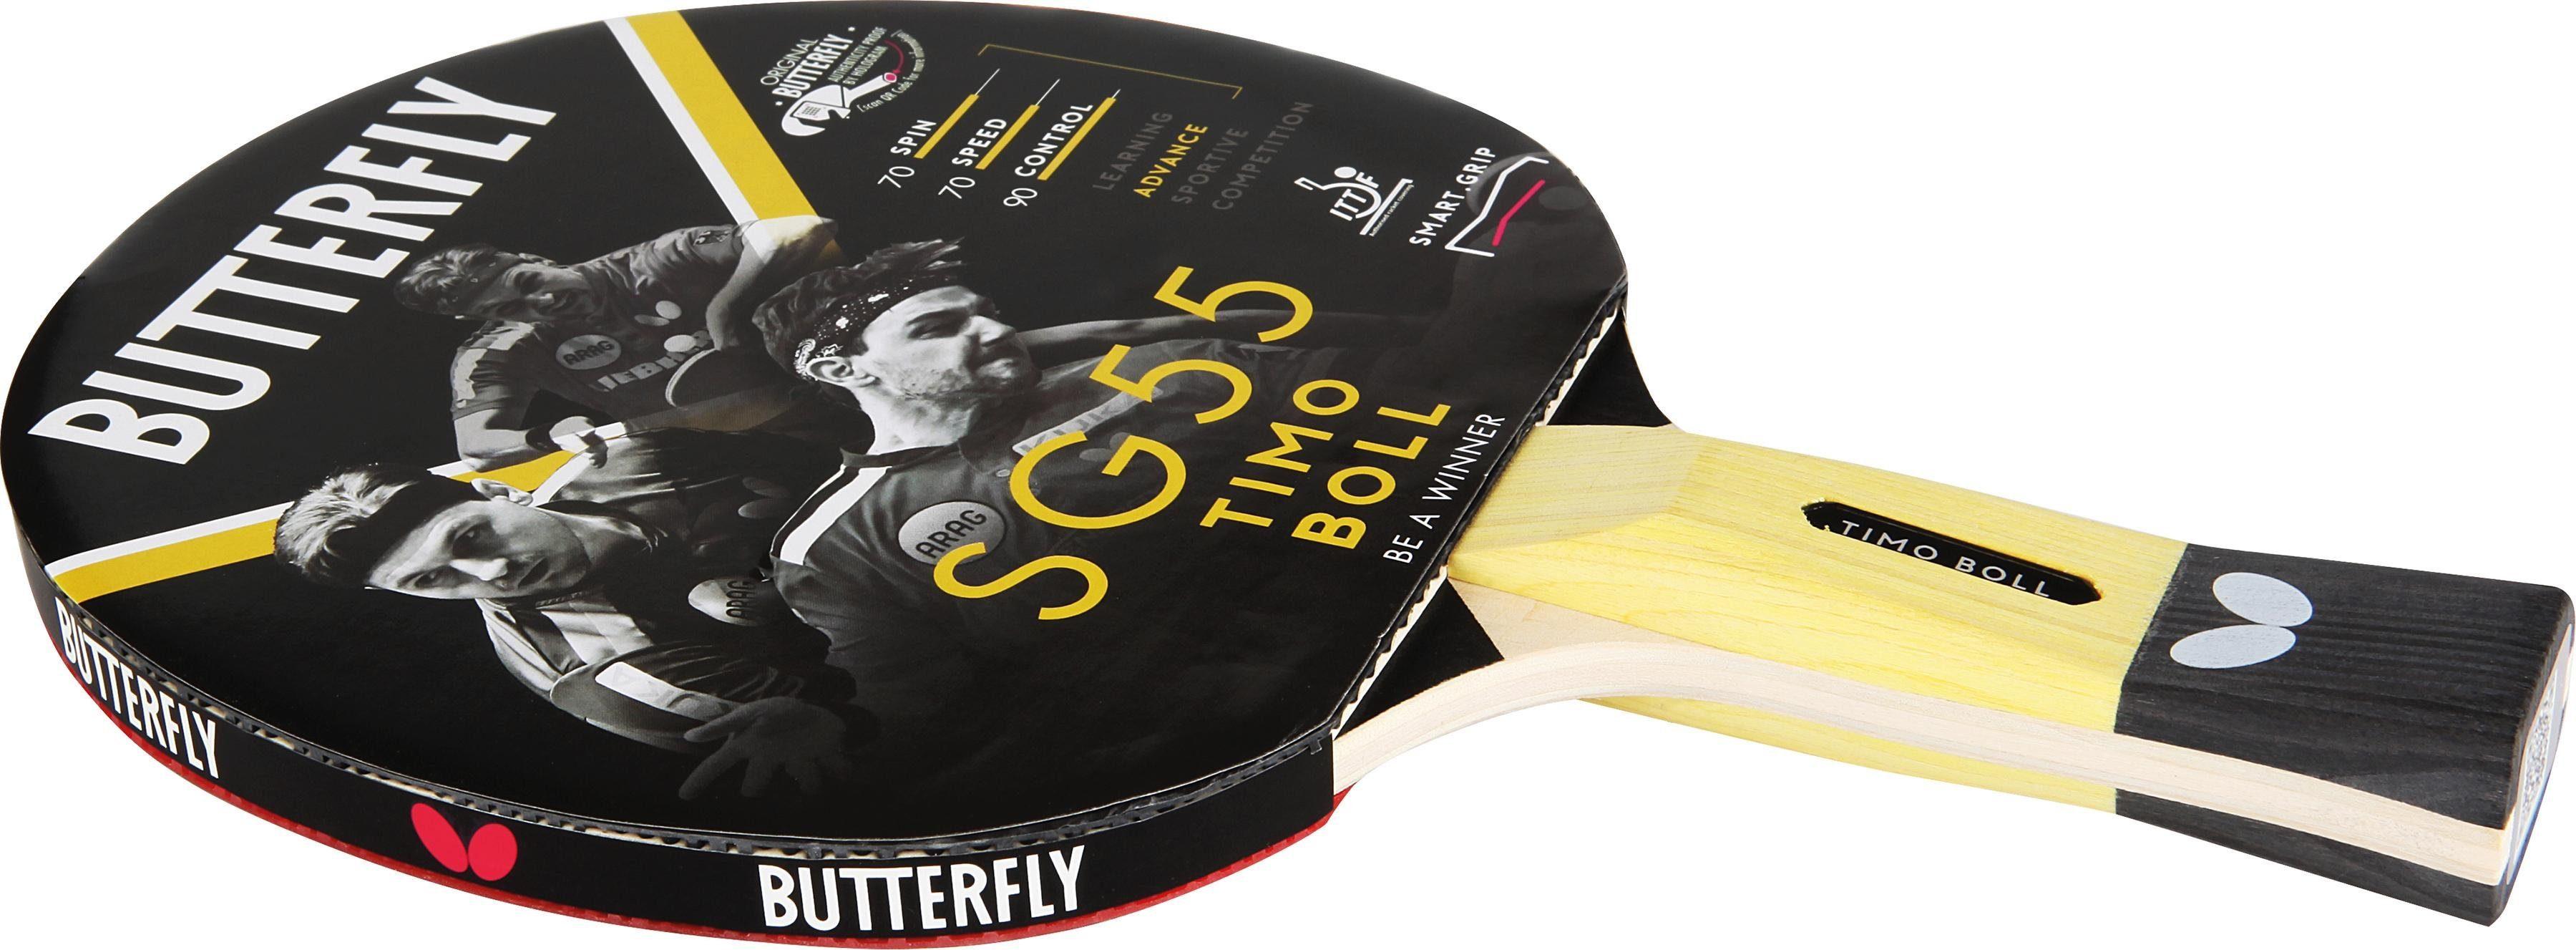 Butterfly Tischtennisschläger Timo Boll SG55 Technik & Freizeit/Sport & Freizeit/Sportarten/Tischtennis/Tischtennis-Ausrüstung